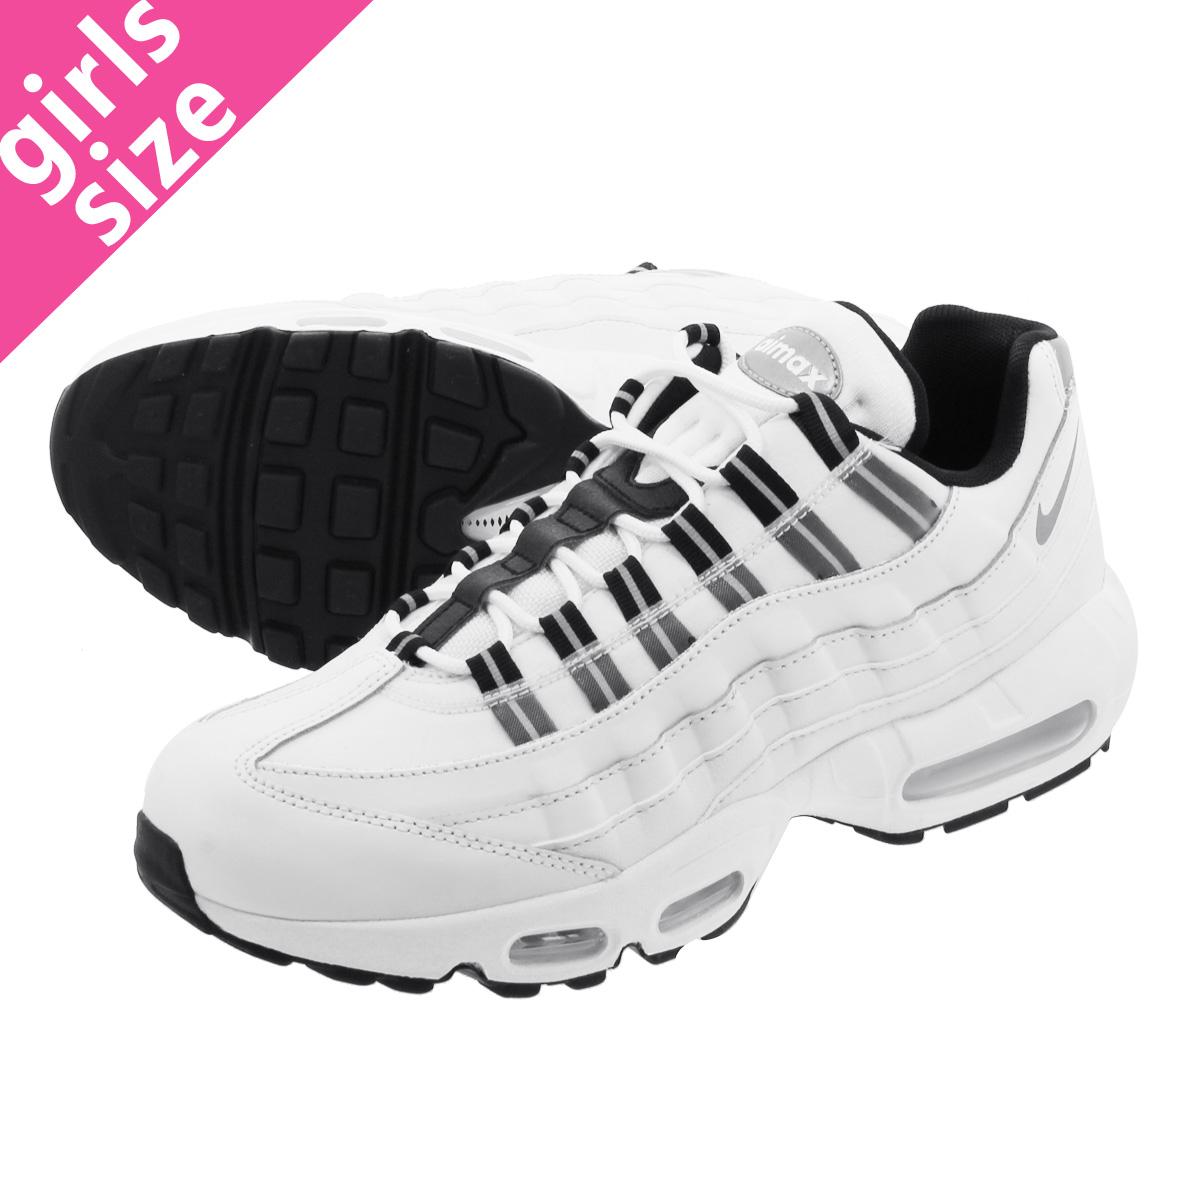 619a01557b NIKE WMNS AIR MAX 95 Nike women Air Max 95 SUMMIT WHITE/REFLECT SILVER/ ...